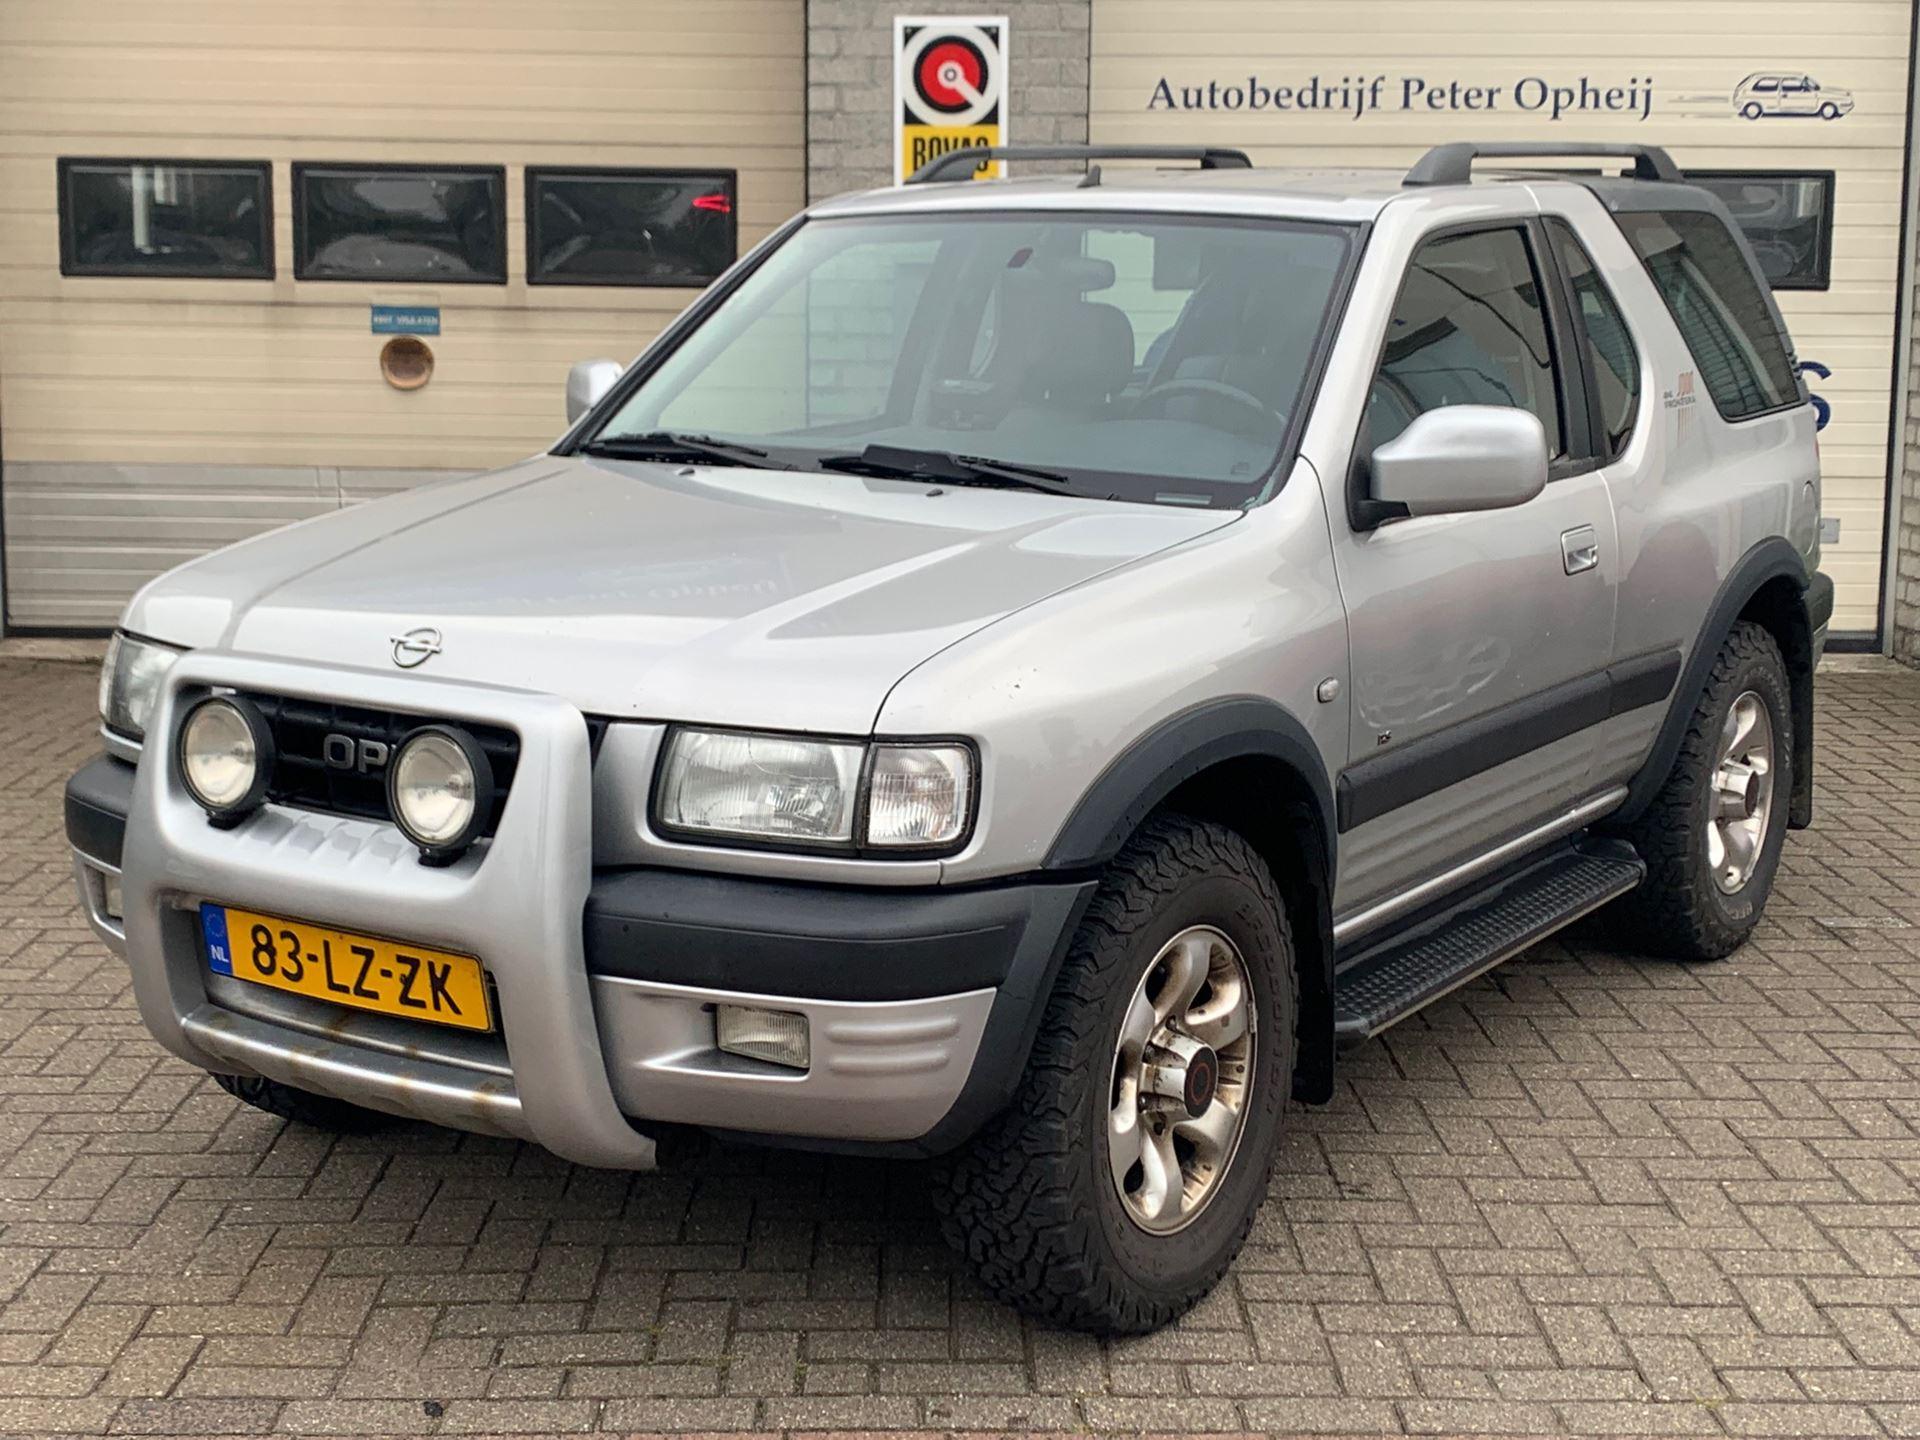 Opel Frontera occasion - Autobedrijf Peter Opheij